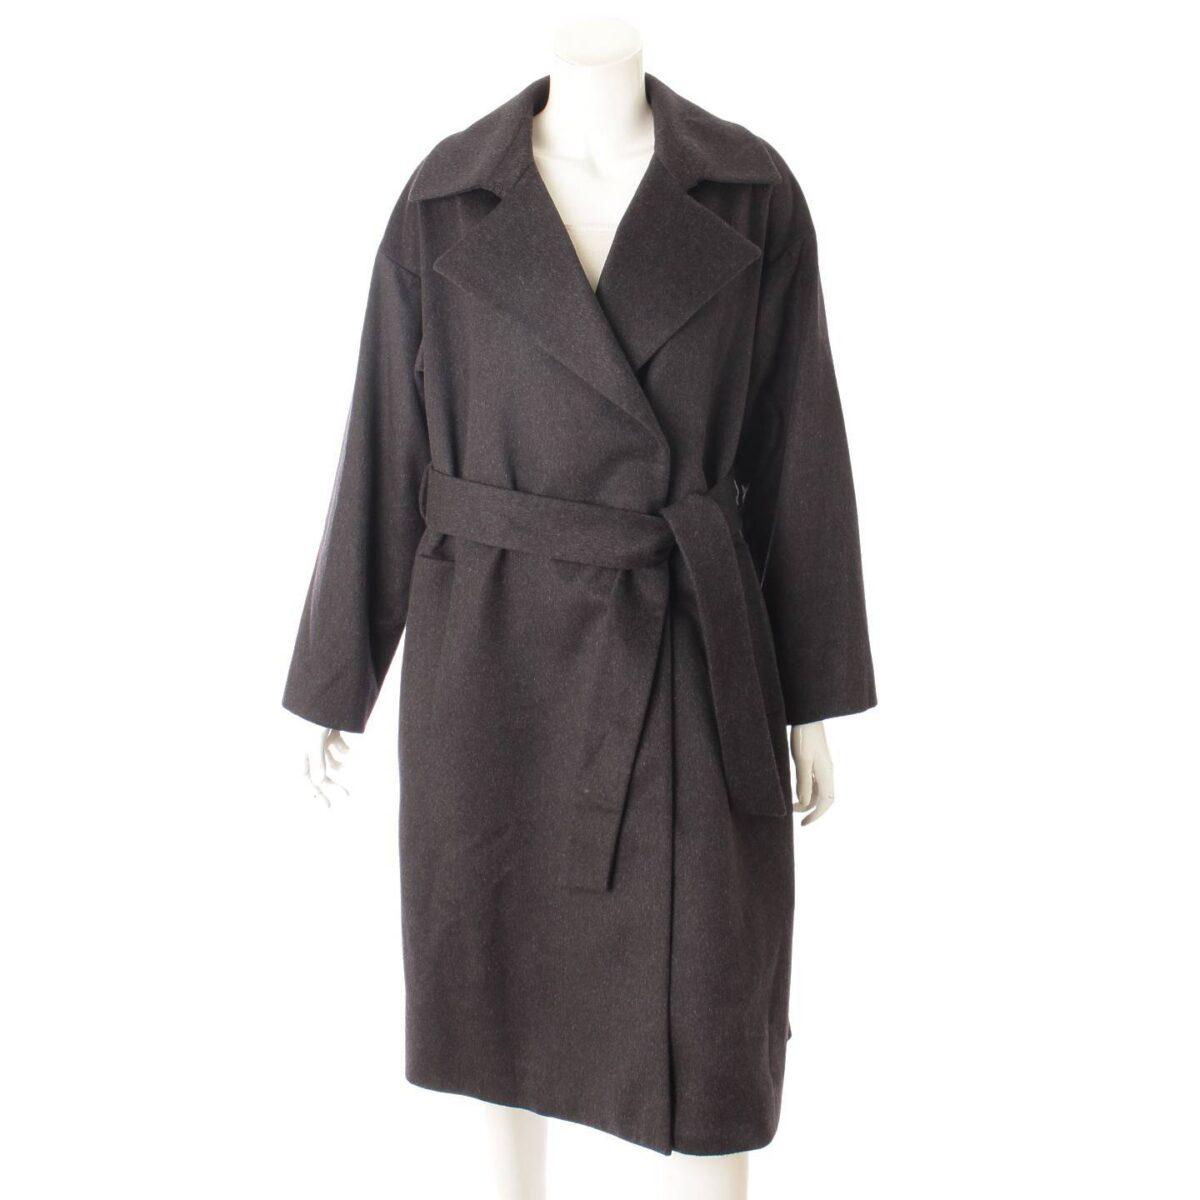 ヨシエイナバ yoshie inaba カシミヤ混 ダブルブレスト コート ベルト付き B0384FWC812 グレー